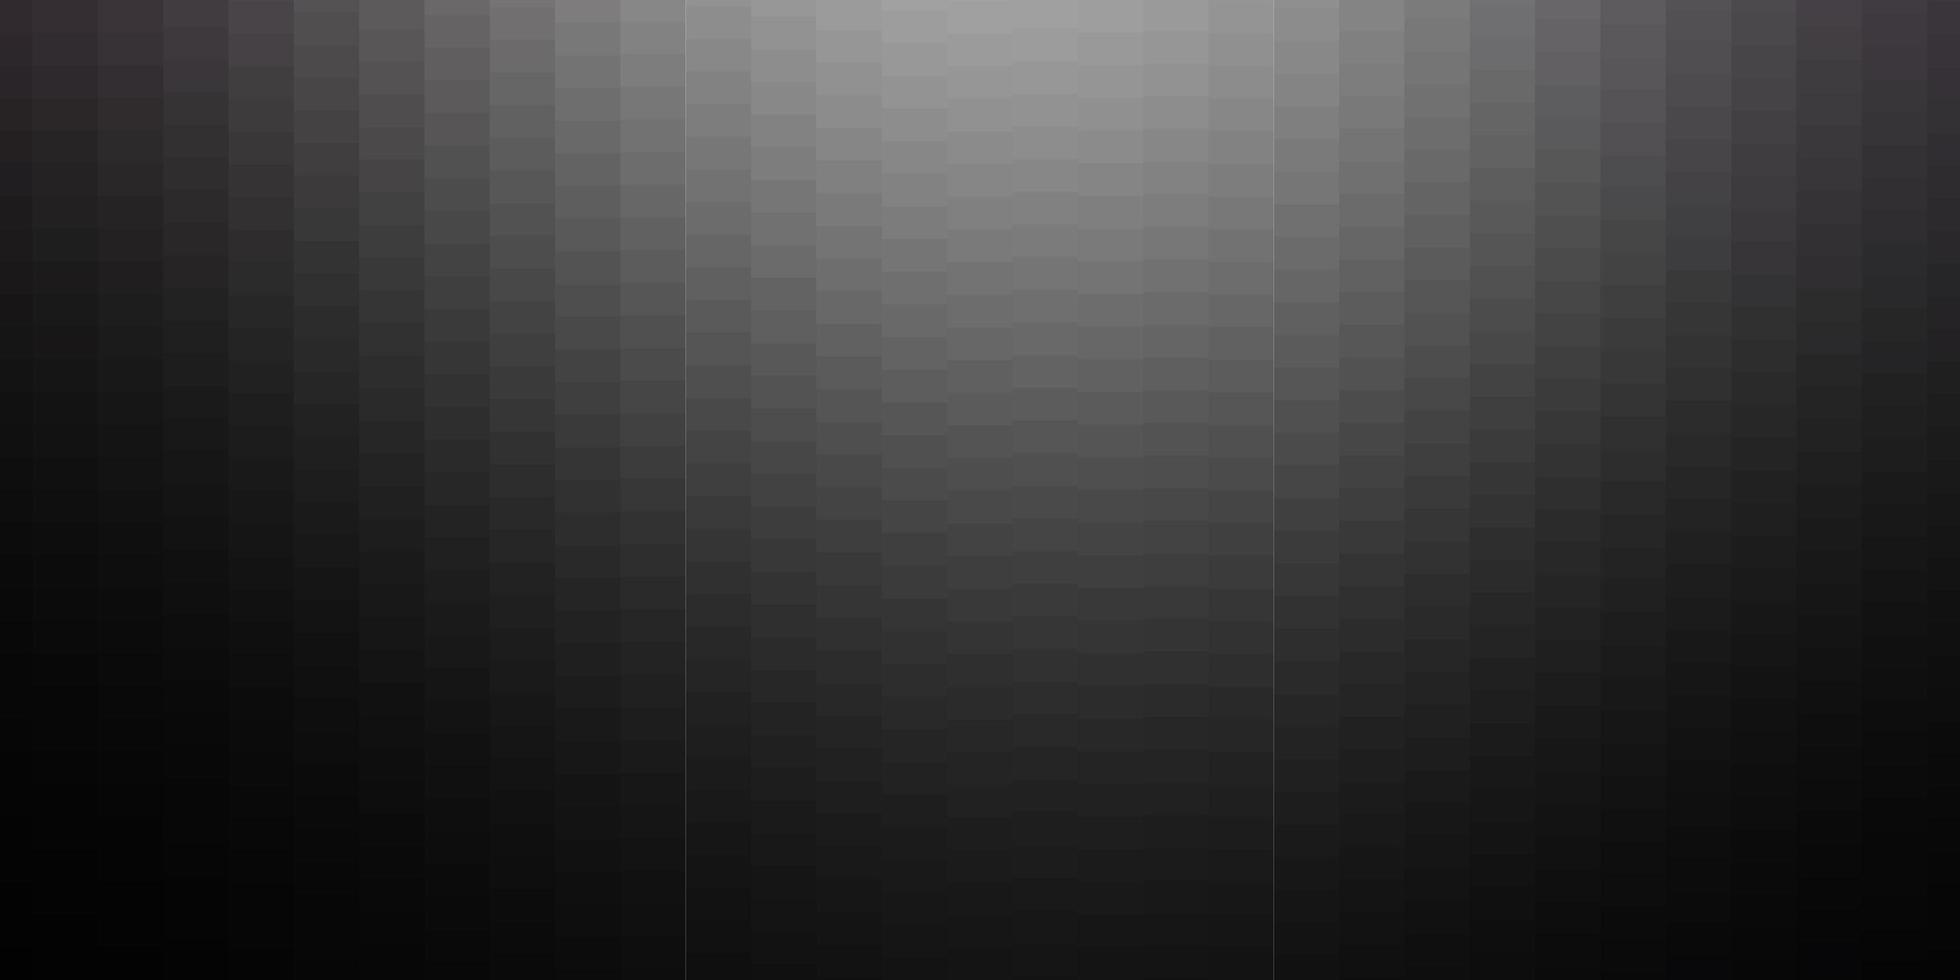 fundo cinza escuro do vetor no estilo poligonal.